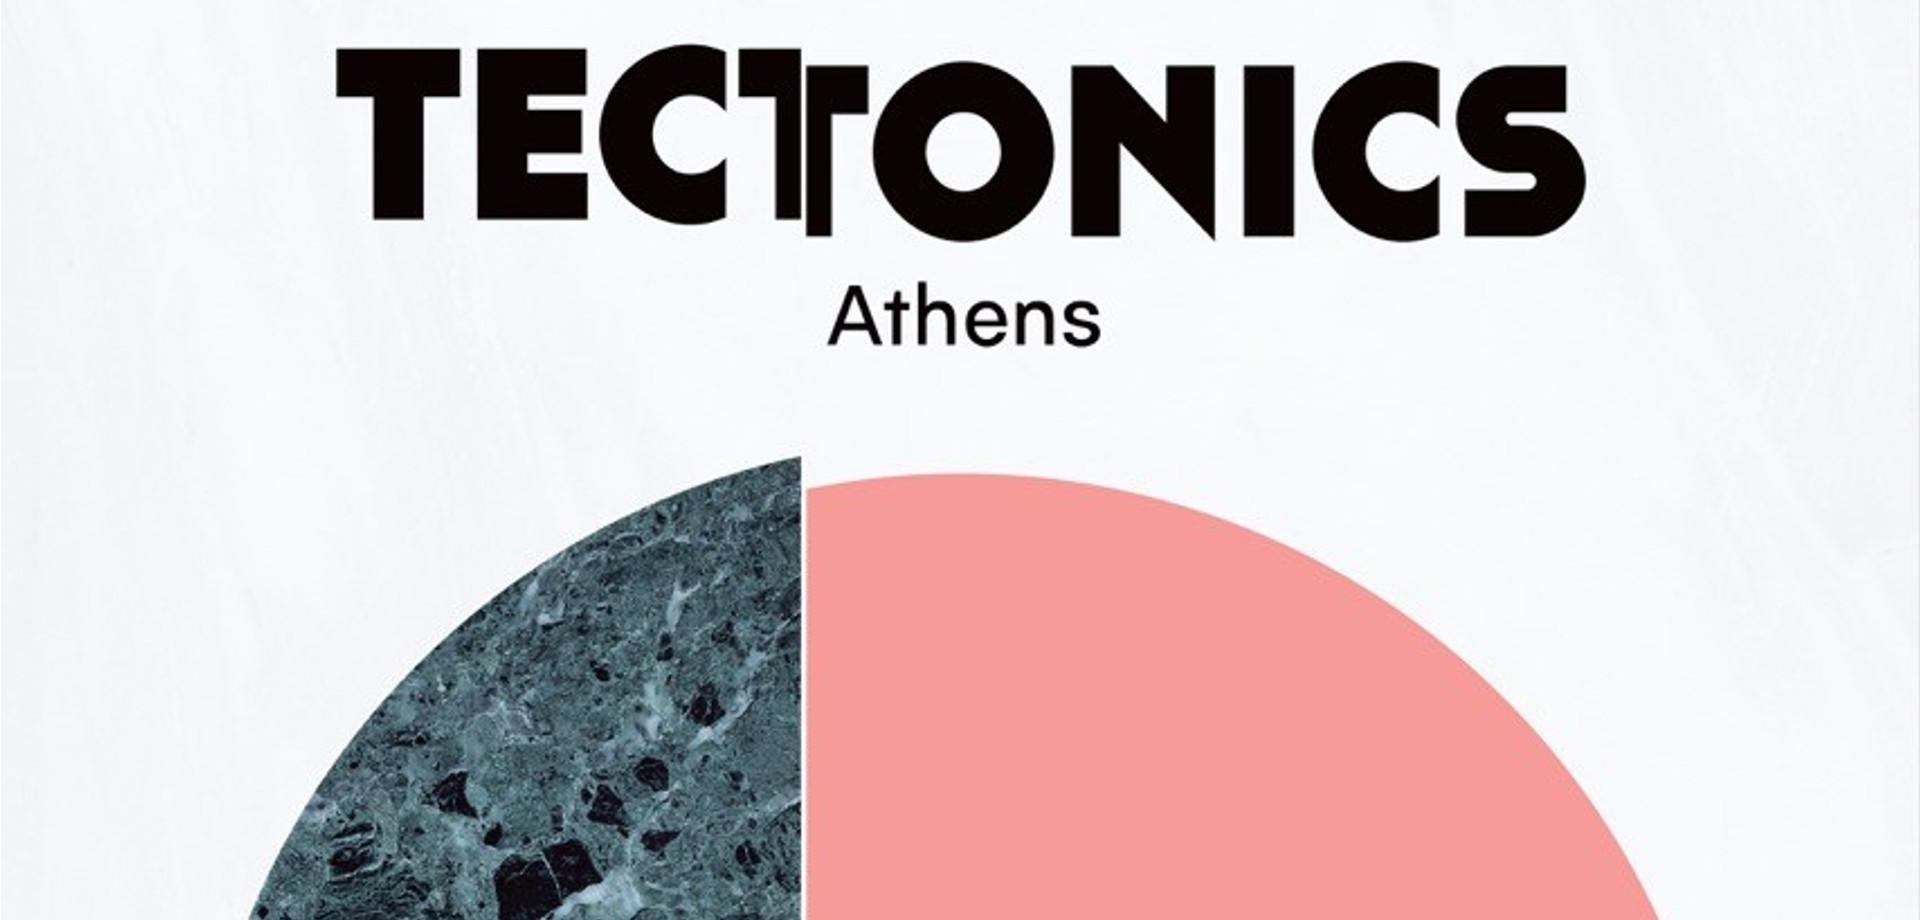 tectonics athens